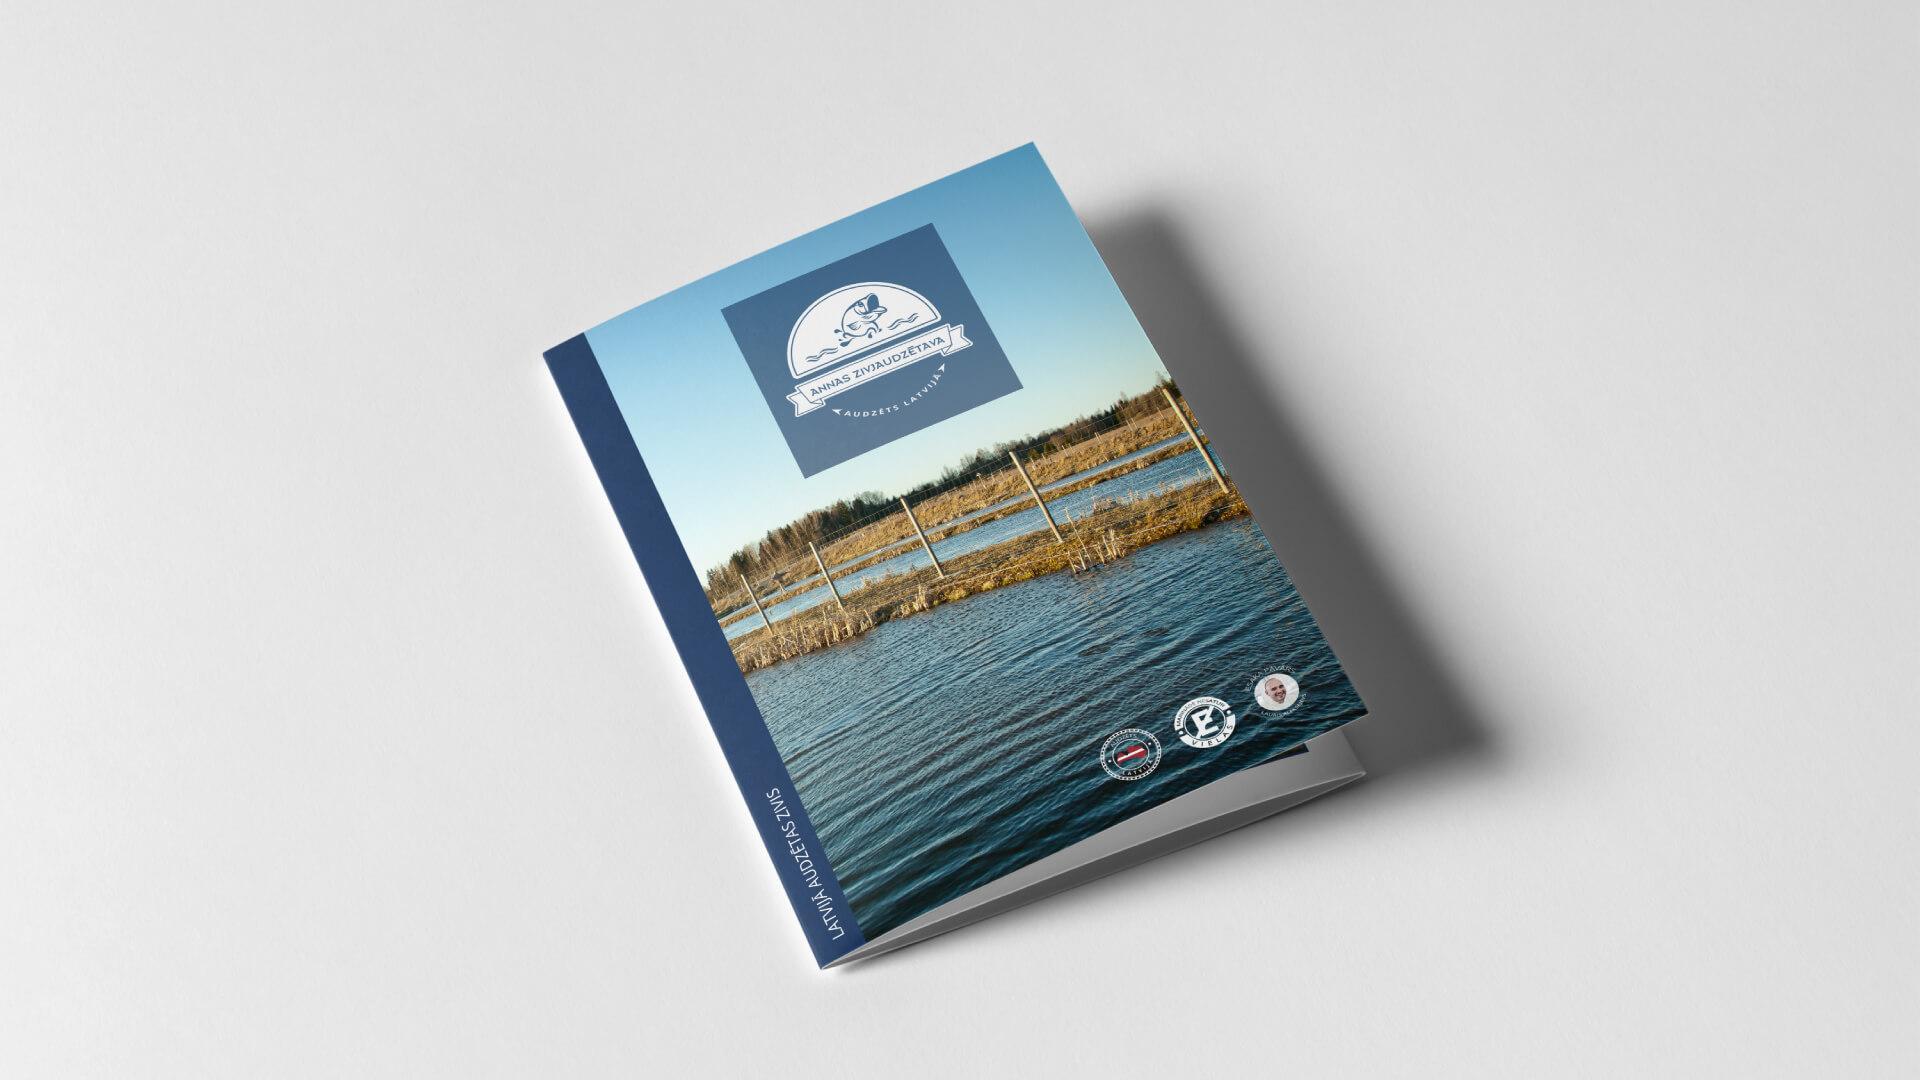 Annas Zivjaudzētava - brošūras dizains